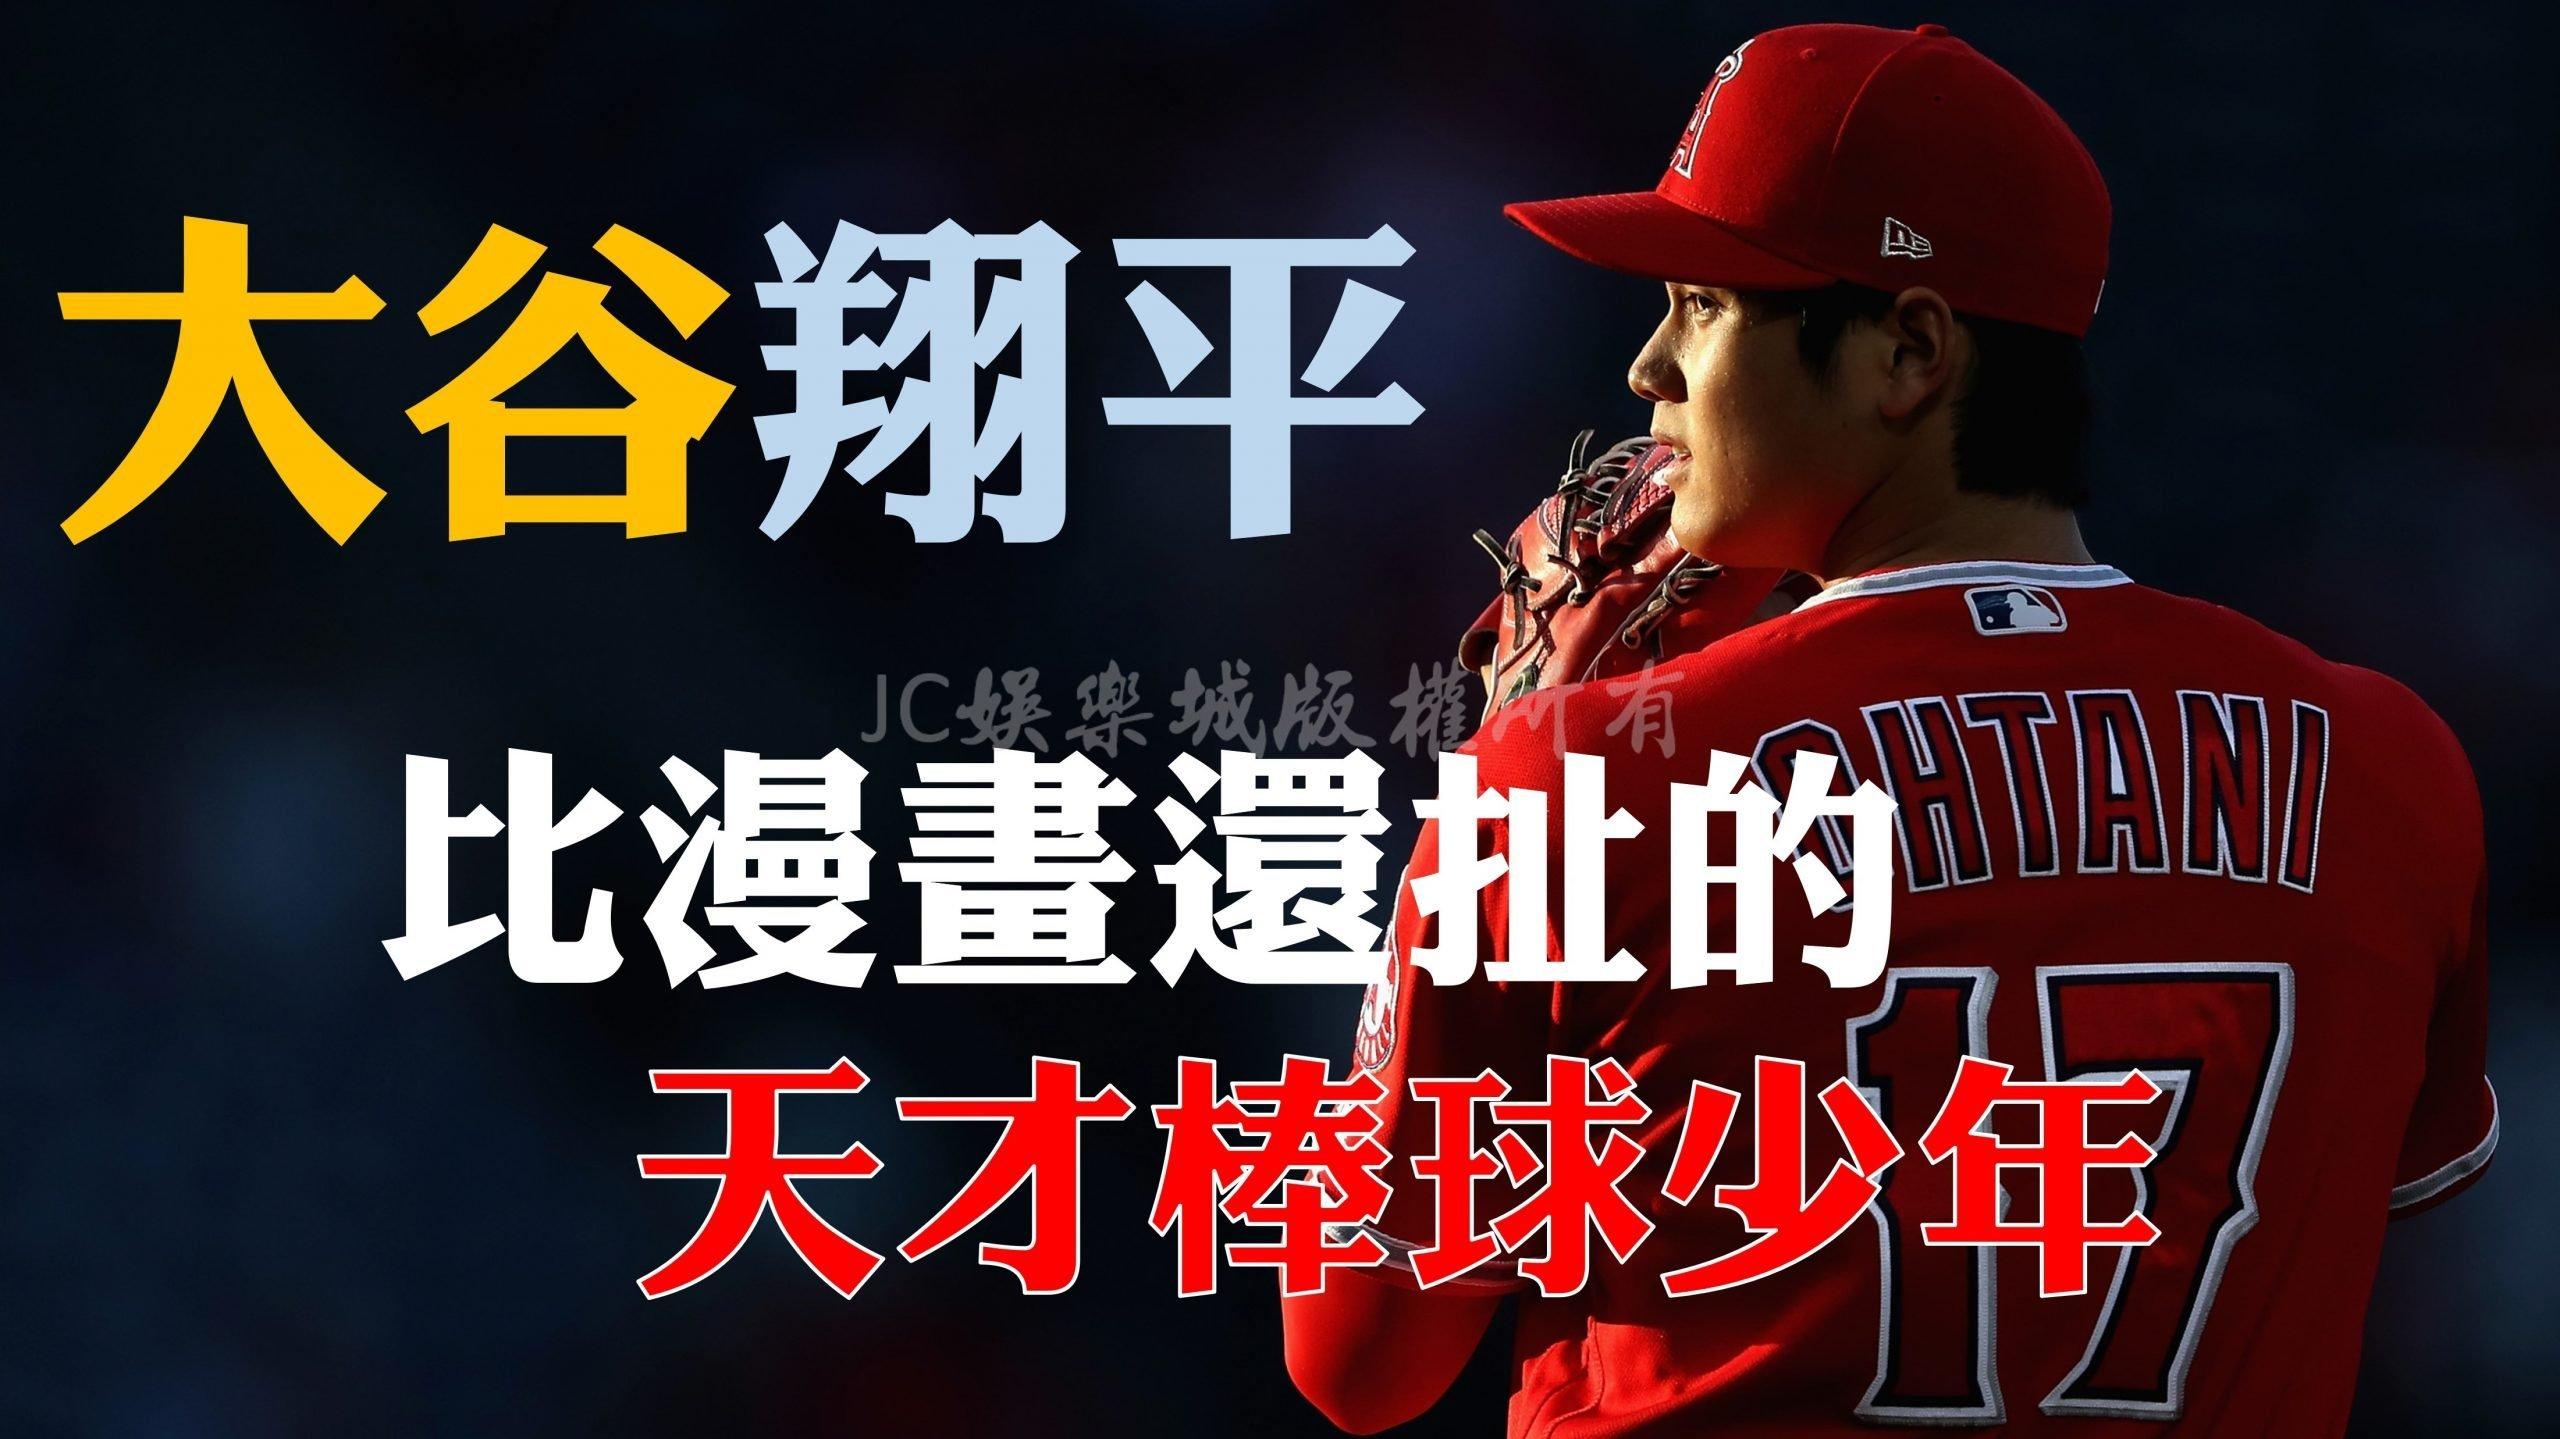 超越漫畫的棒球之神!【大谷翔平戰績】海放全聯盟再破MLB記錄!